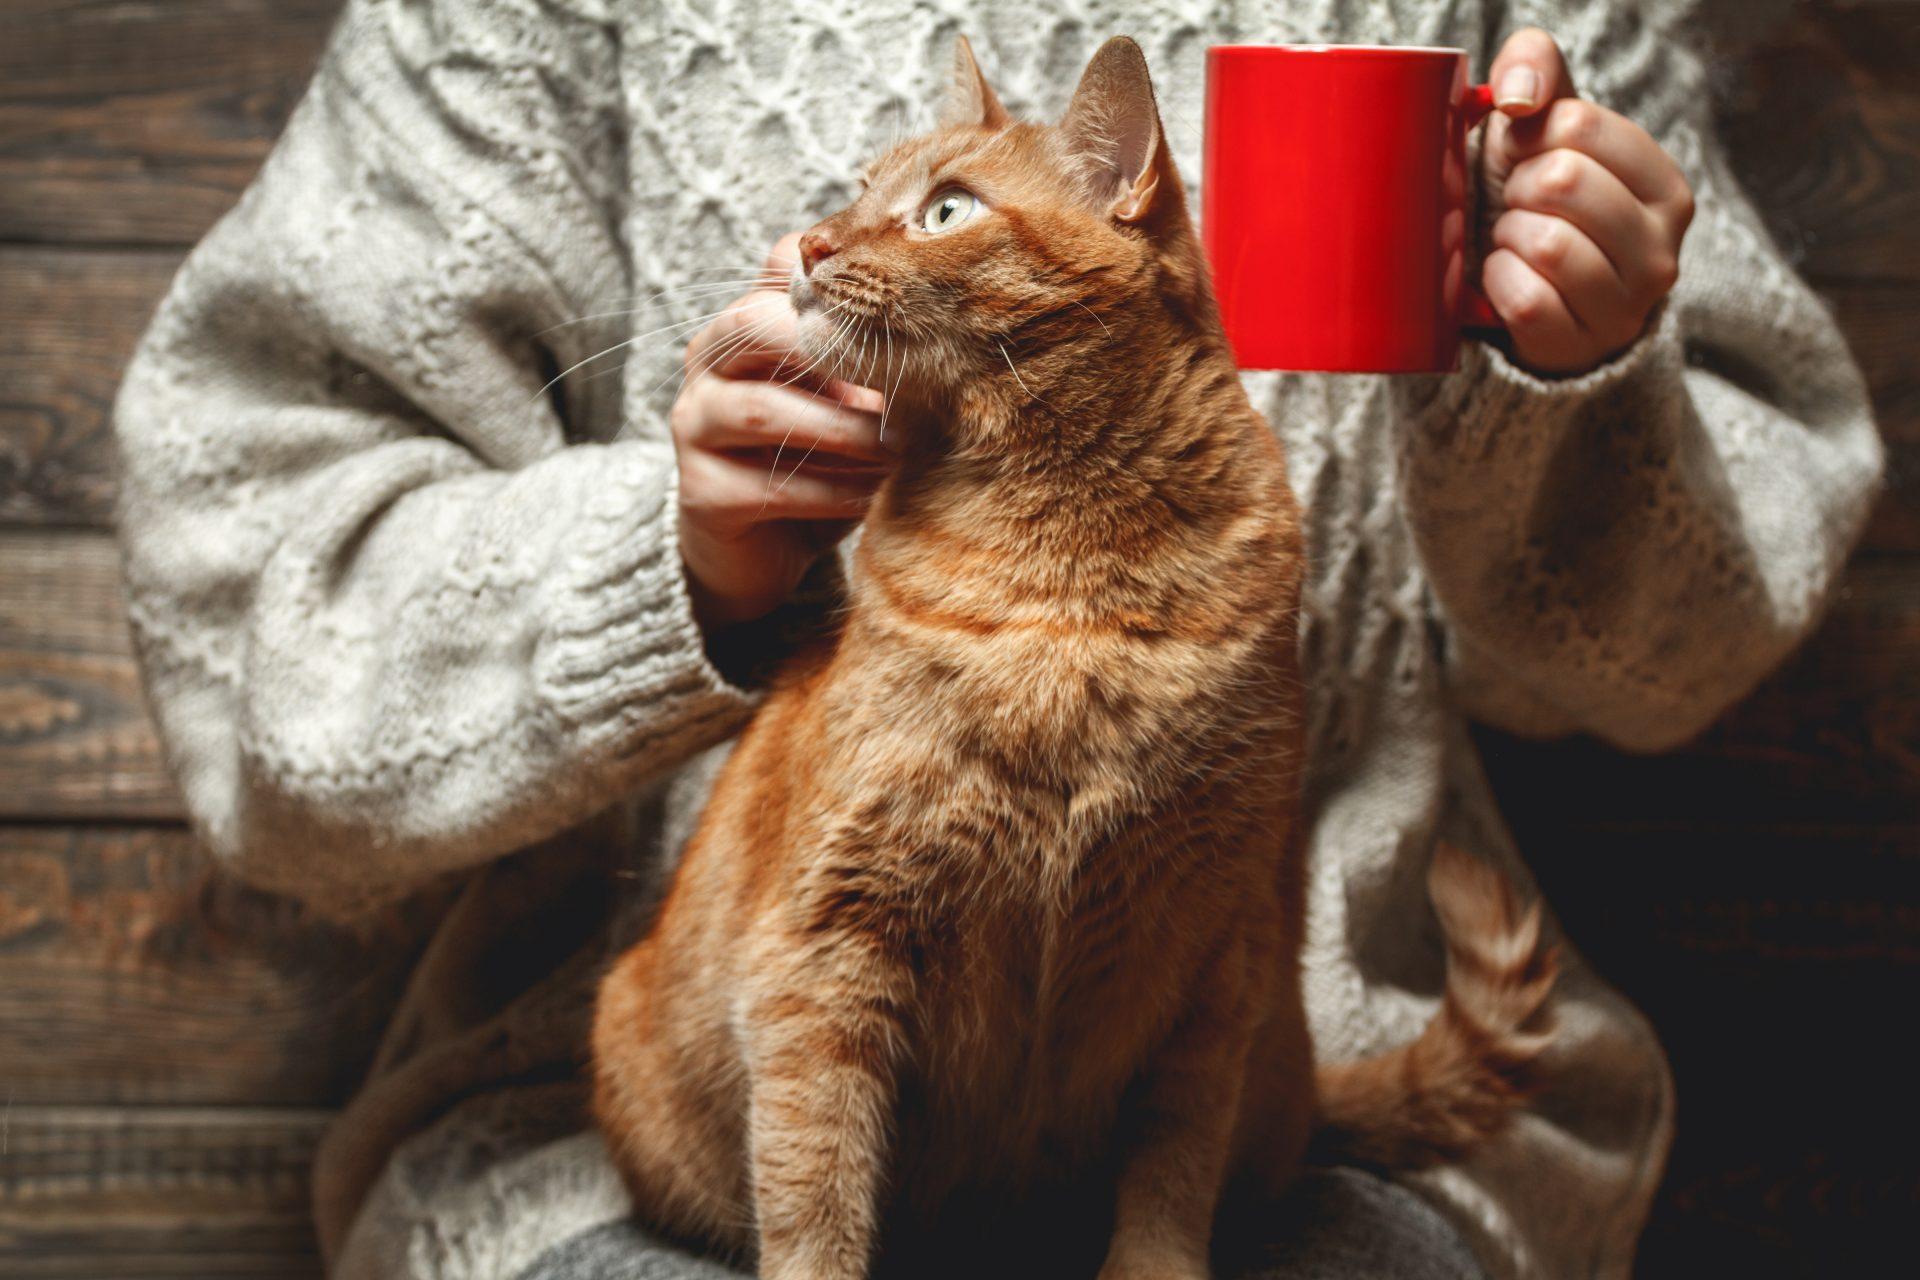 Frau mit Katze auf dem Schoss und Kaffeebecher in der Hand